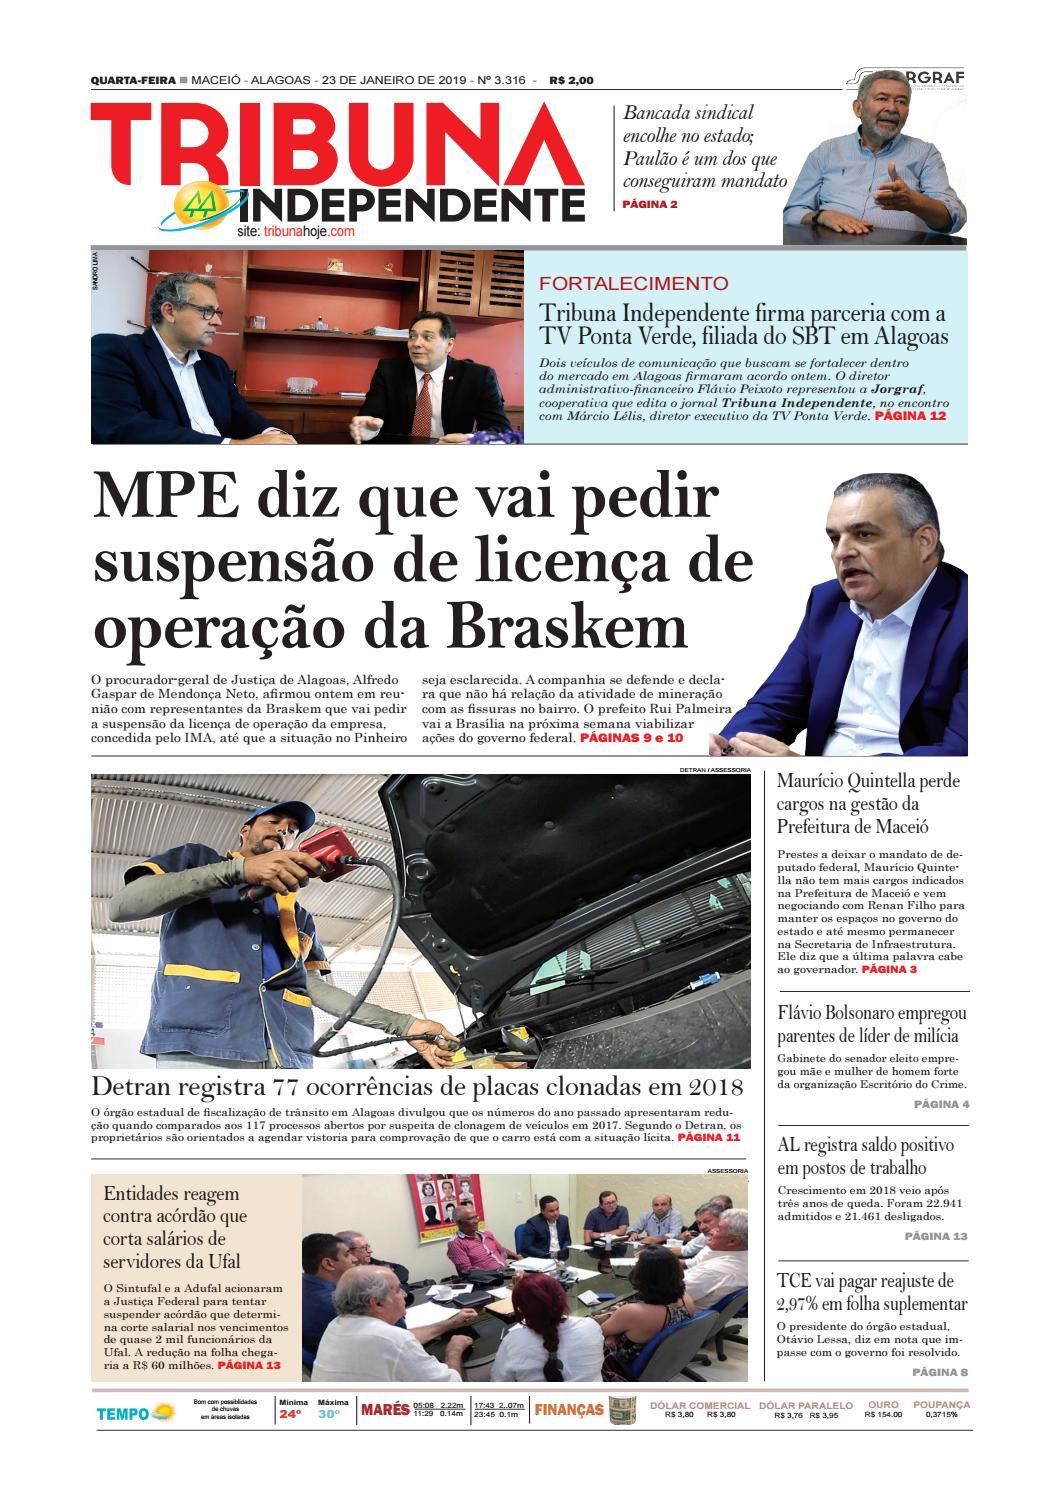 8519c603a21 Edição número 3316 - 23 de janeiro de 2019 by Tribuna Hoje - issuu